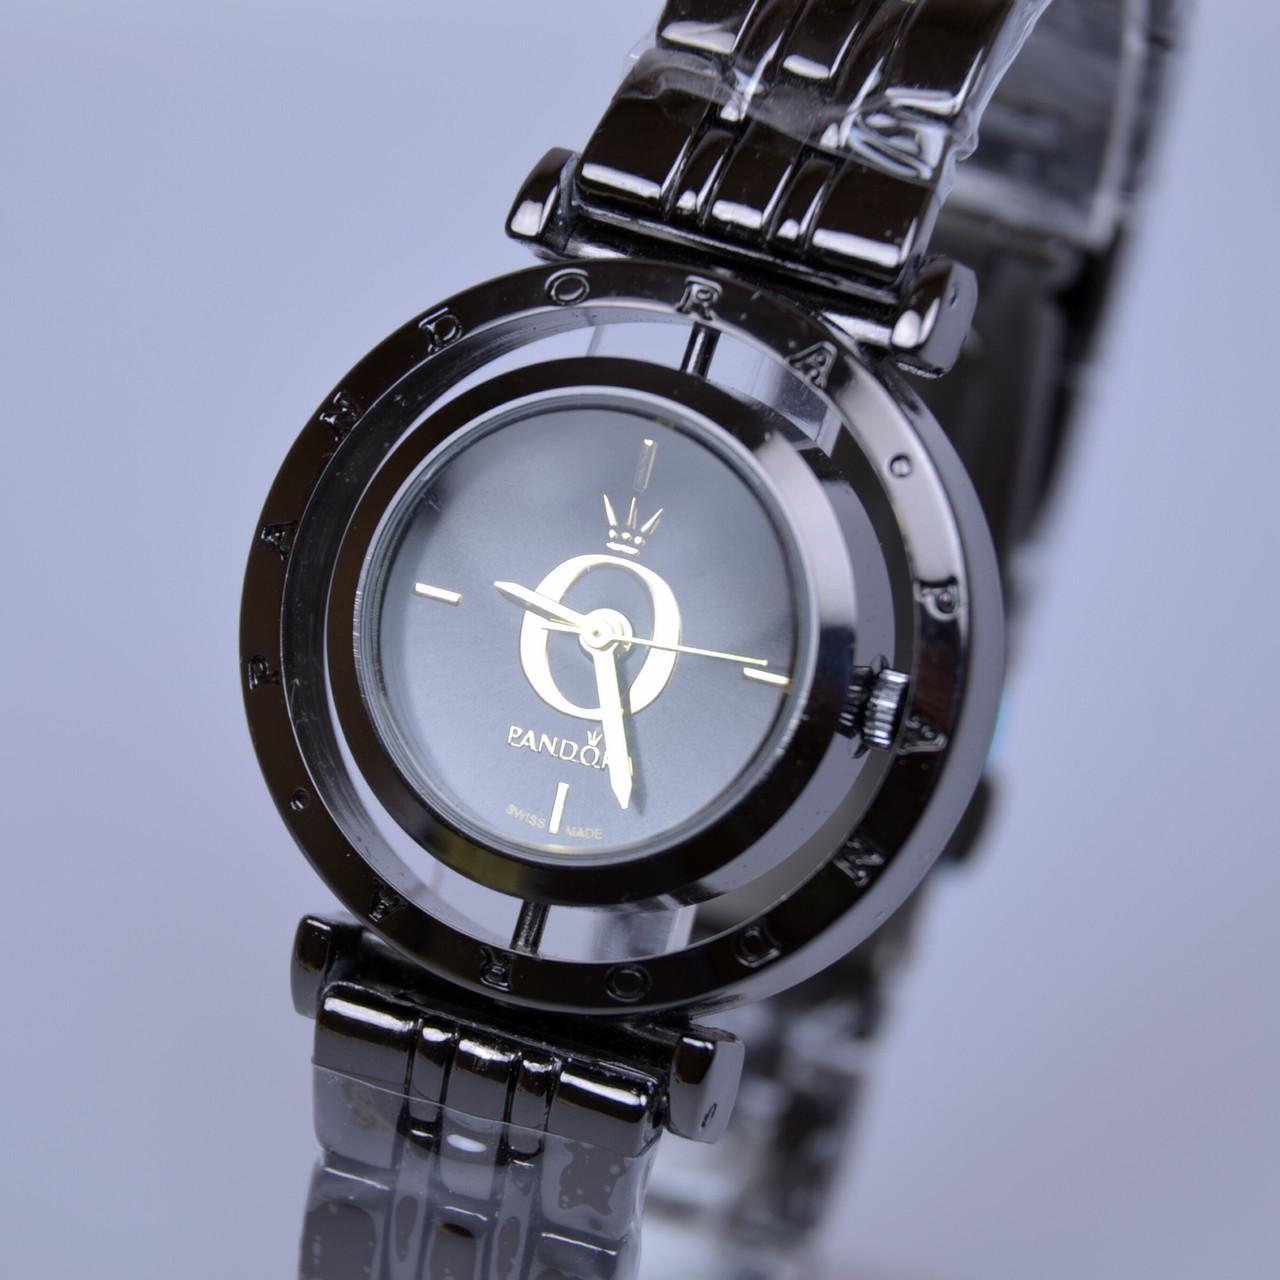 a8737d6204b2 Женские Часы PANDORA (Пандора) B160 Black с Вращающемся Циферблатом ...